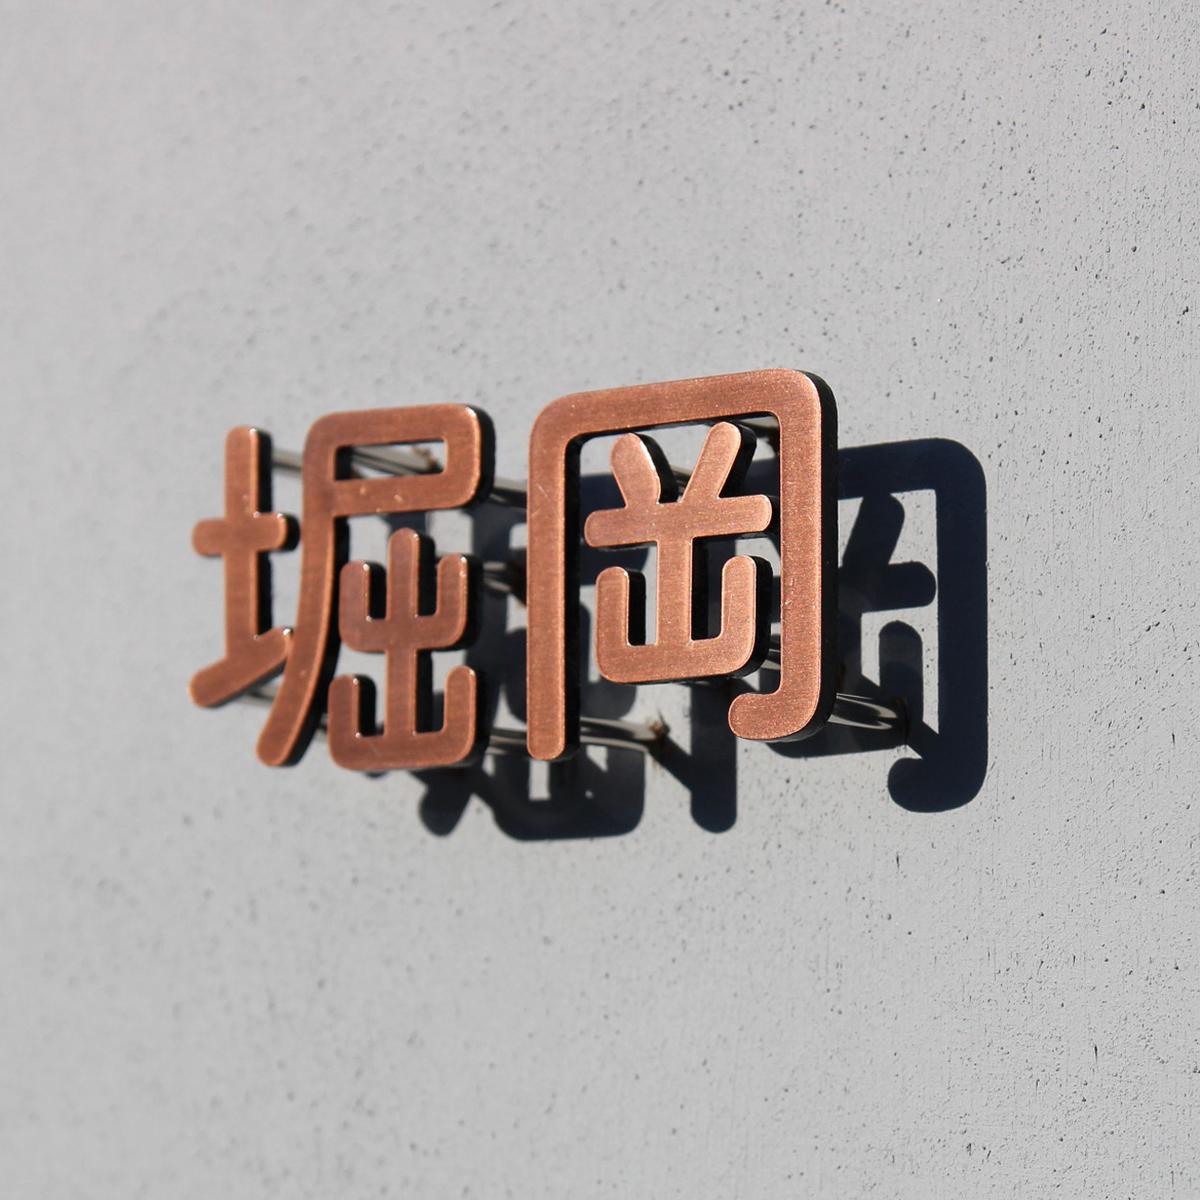 銅切り文字表札 copper zuiunオリジナル表札表札 銅 看板 経年変化 職人戸建 新築 マンション 店舗看板 セミオーダー 3mm厚 高さ約4cm 特注対応